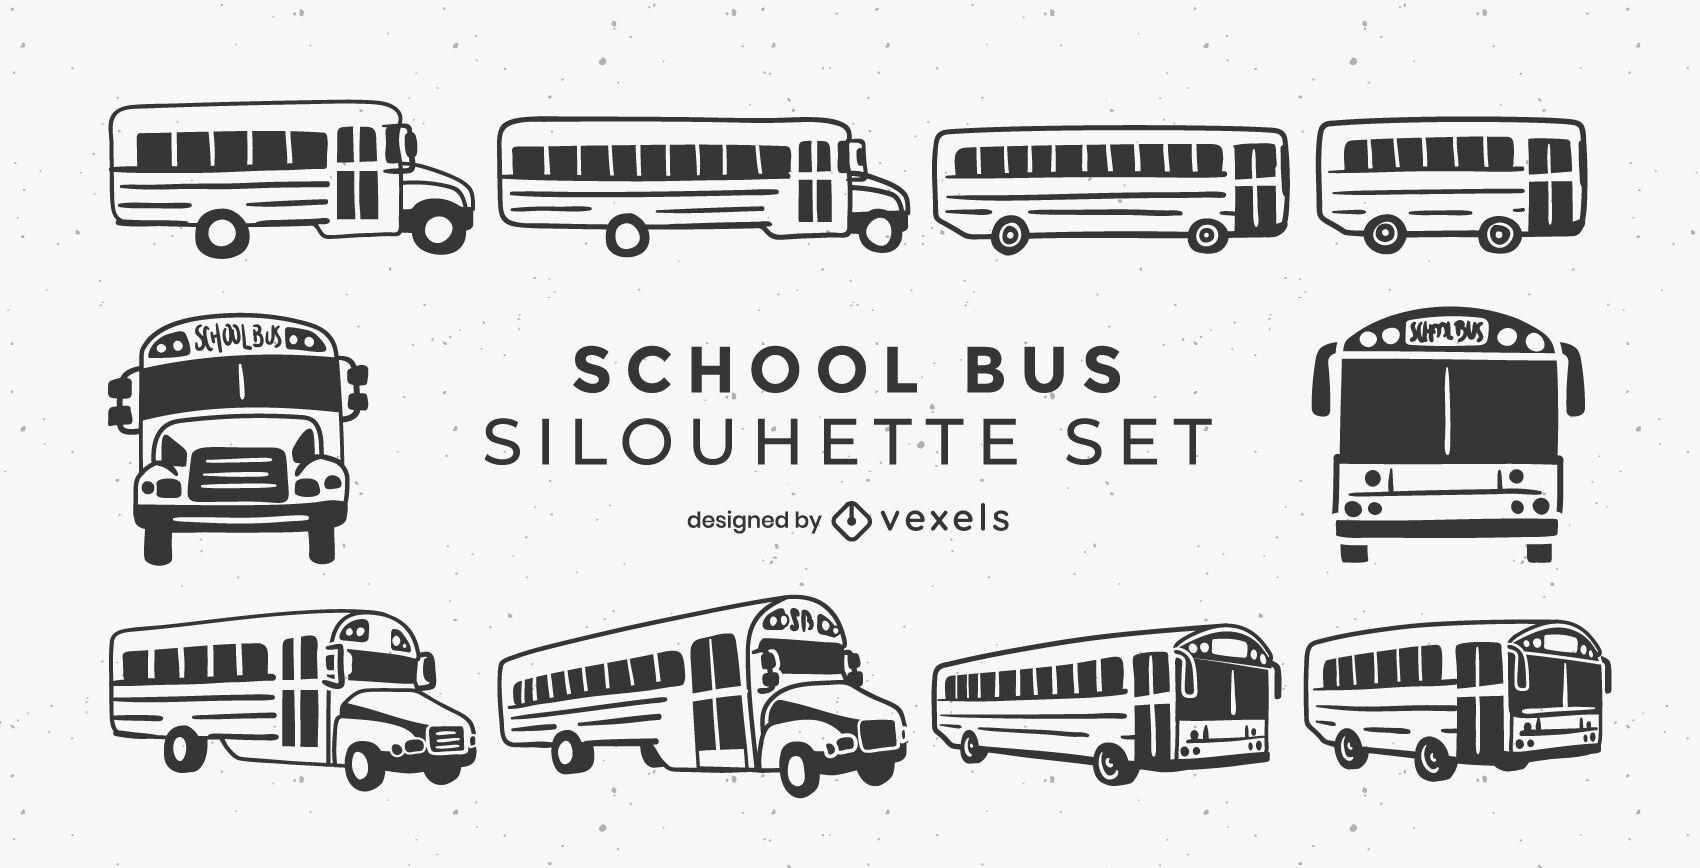 Conjunto de autobuses escolares de trazo lleno